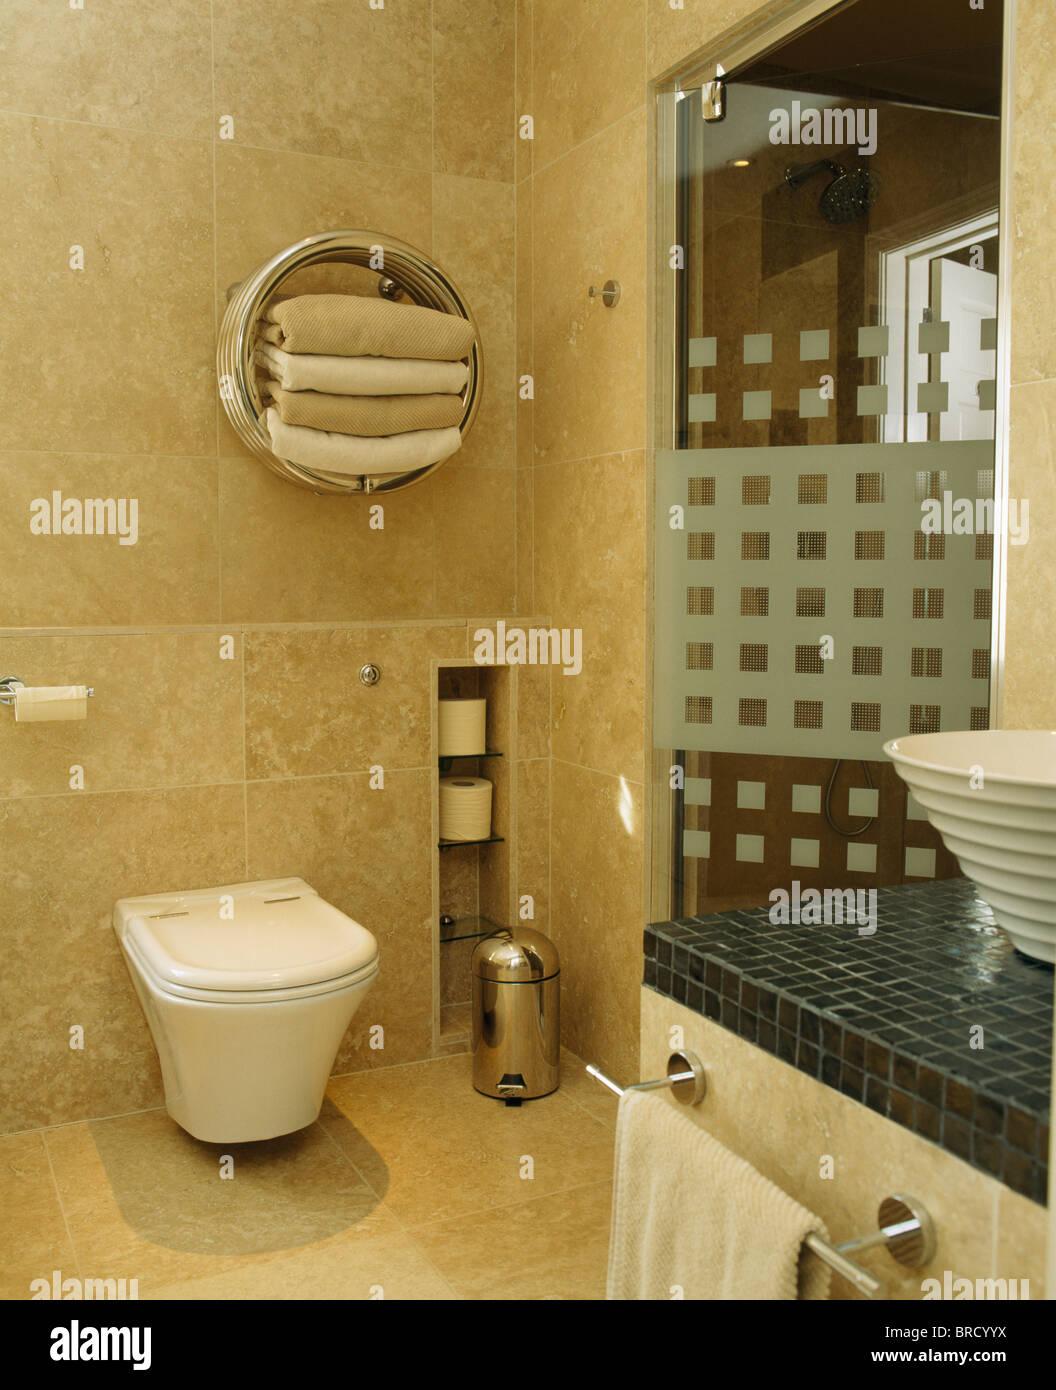 Handtücher in kreisförmigen Chrom Regal über Toilette in modernen ...